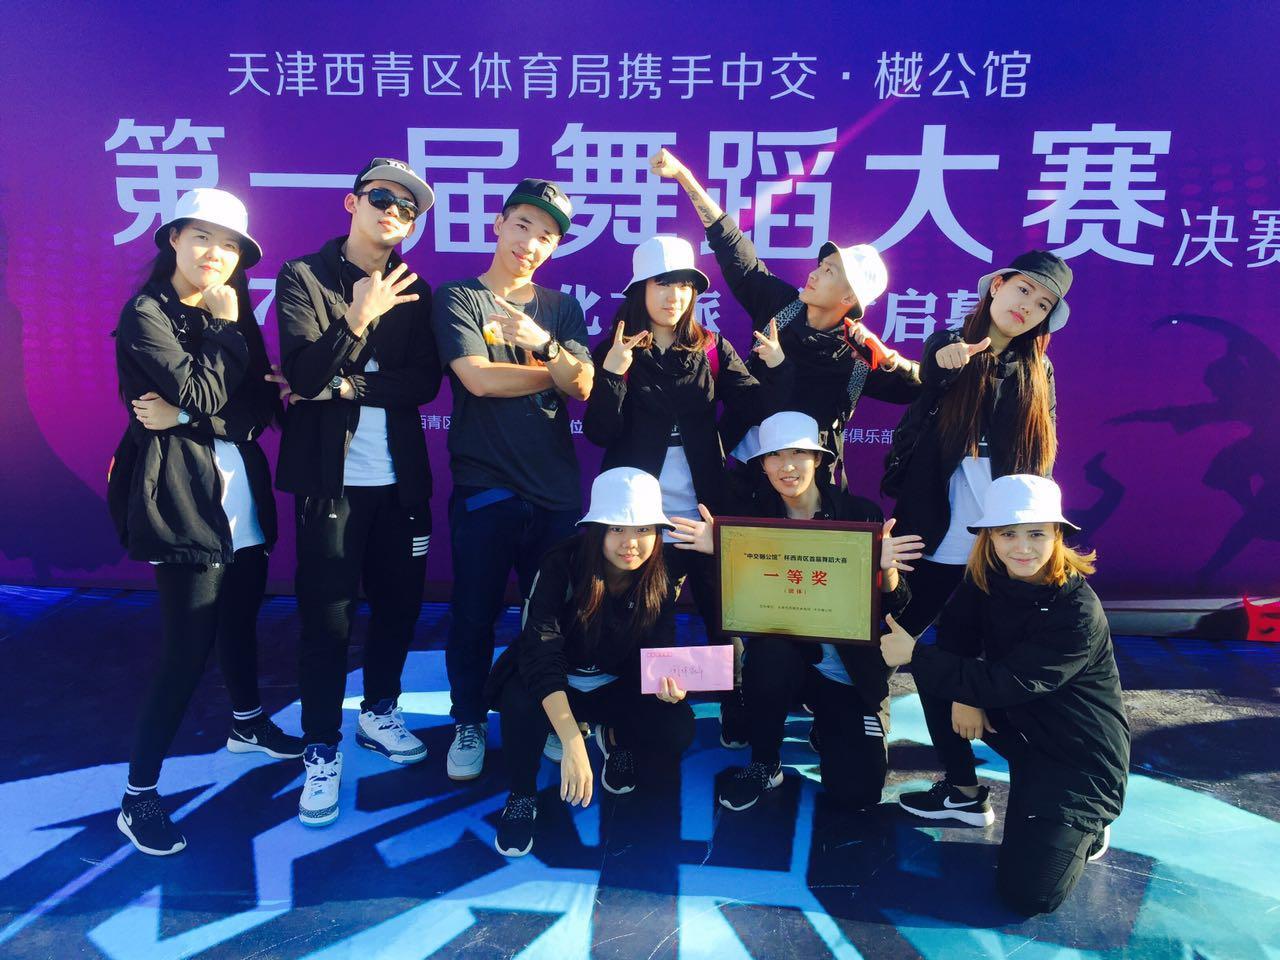 天津西青第一节舞蹈大赛一等奖